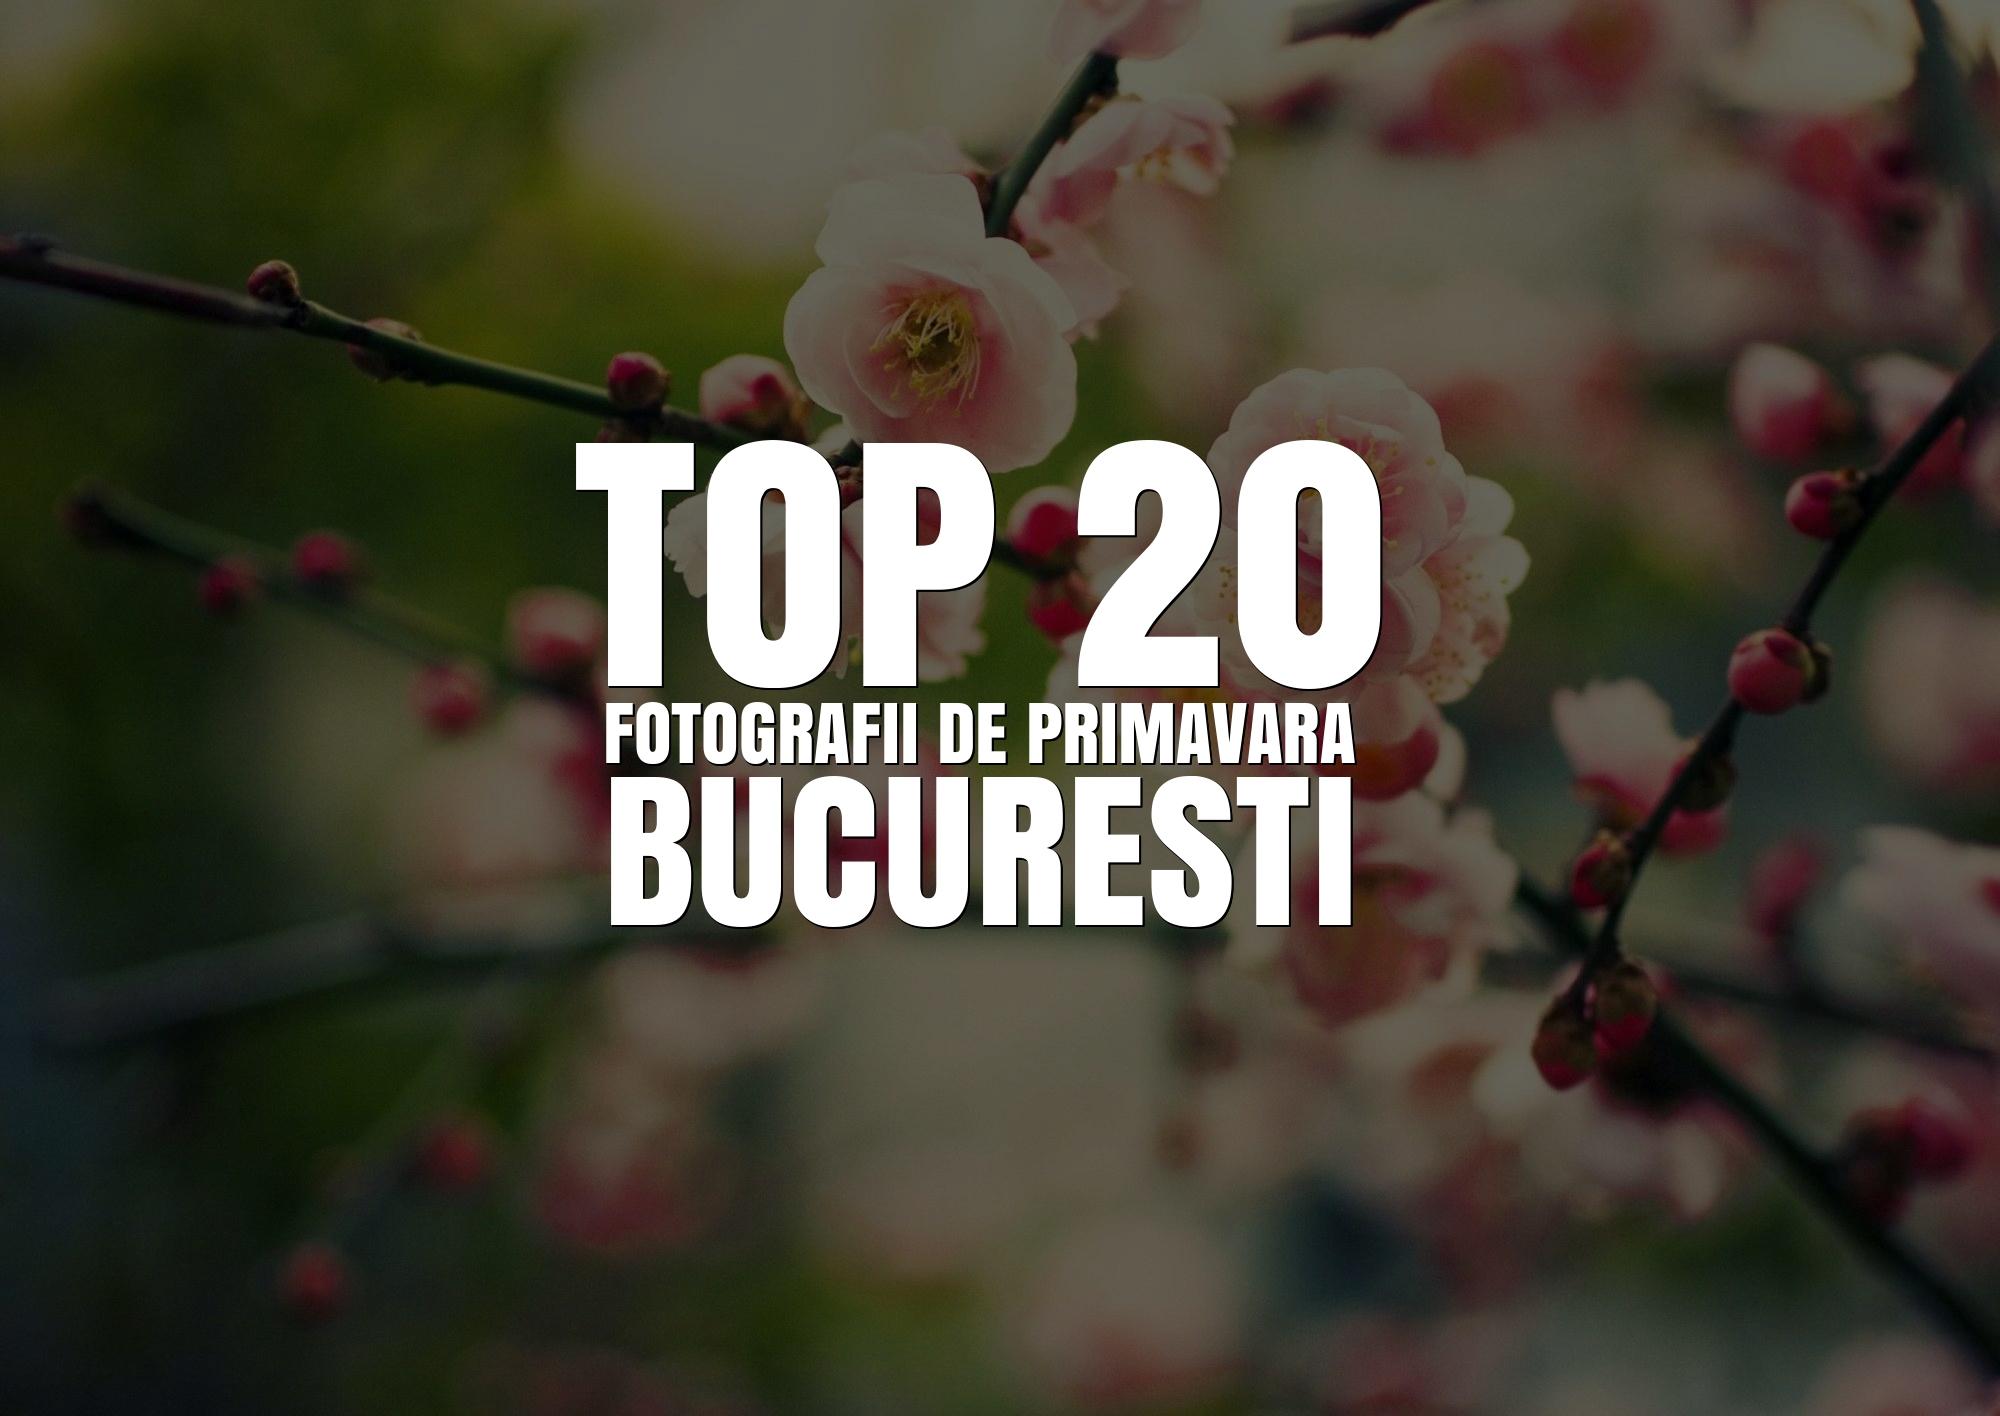 TOP 20 Fotografii de primavara din Bucuresti